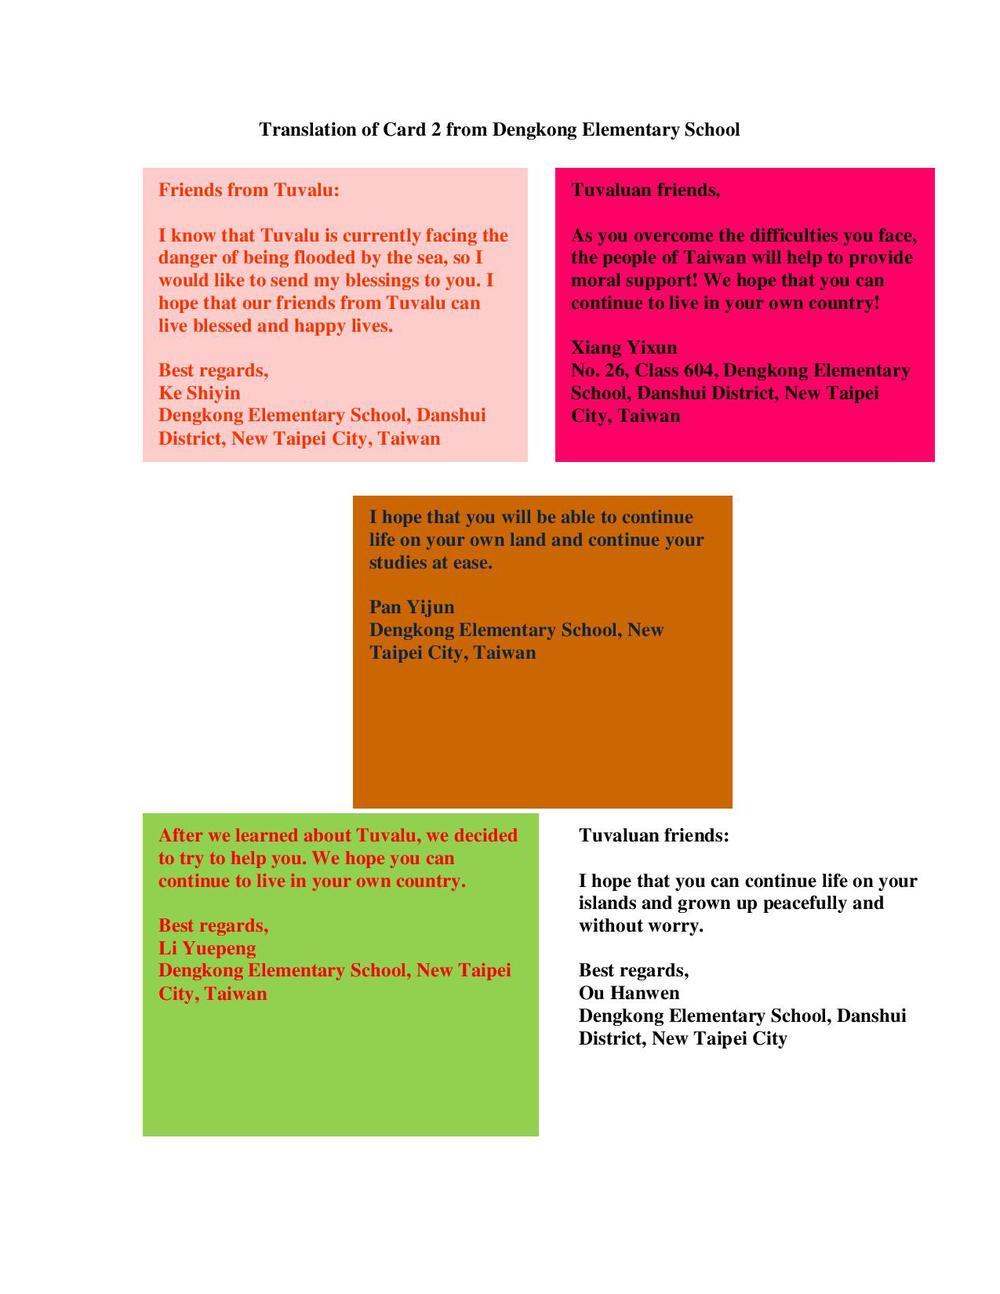 鄧公翻譯2015 0601st Translations of Cards from Dengkong Elementary School-page-009.jpg